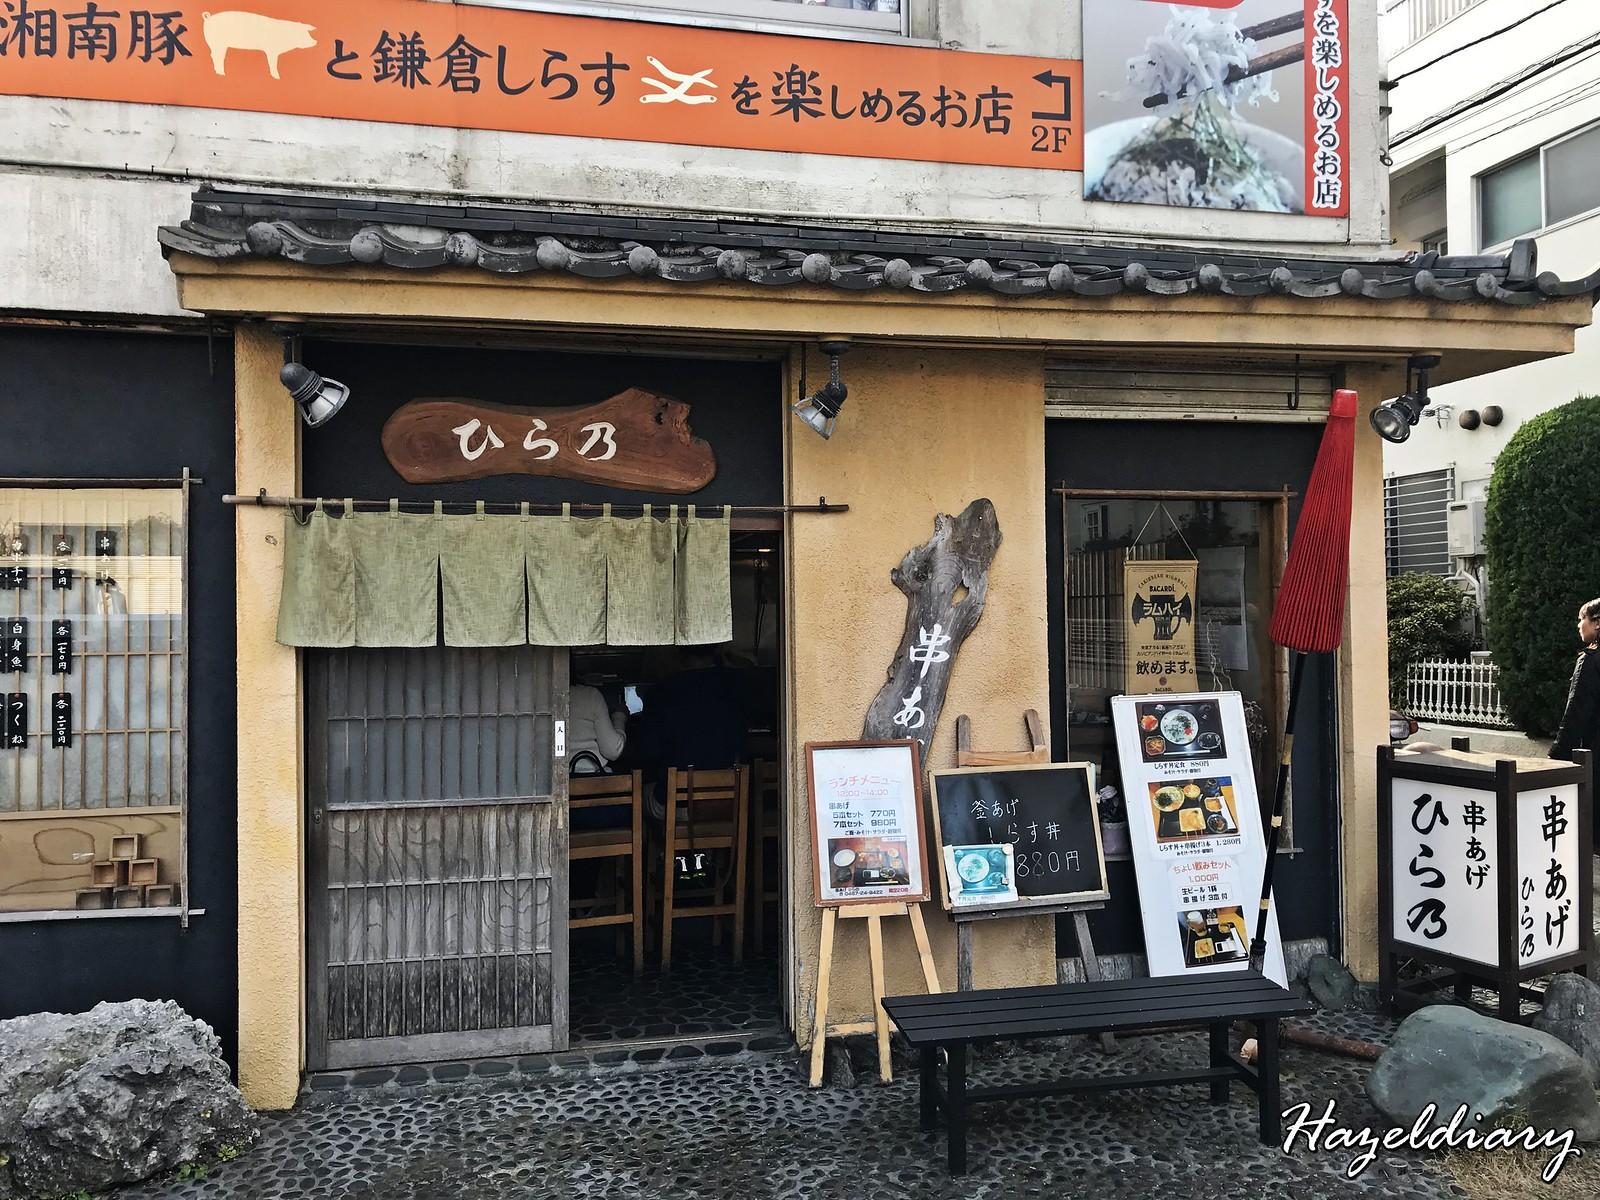 Kamakura Komachi-dori Street-Shirasu don-1